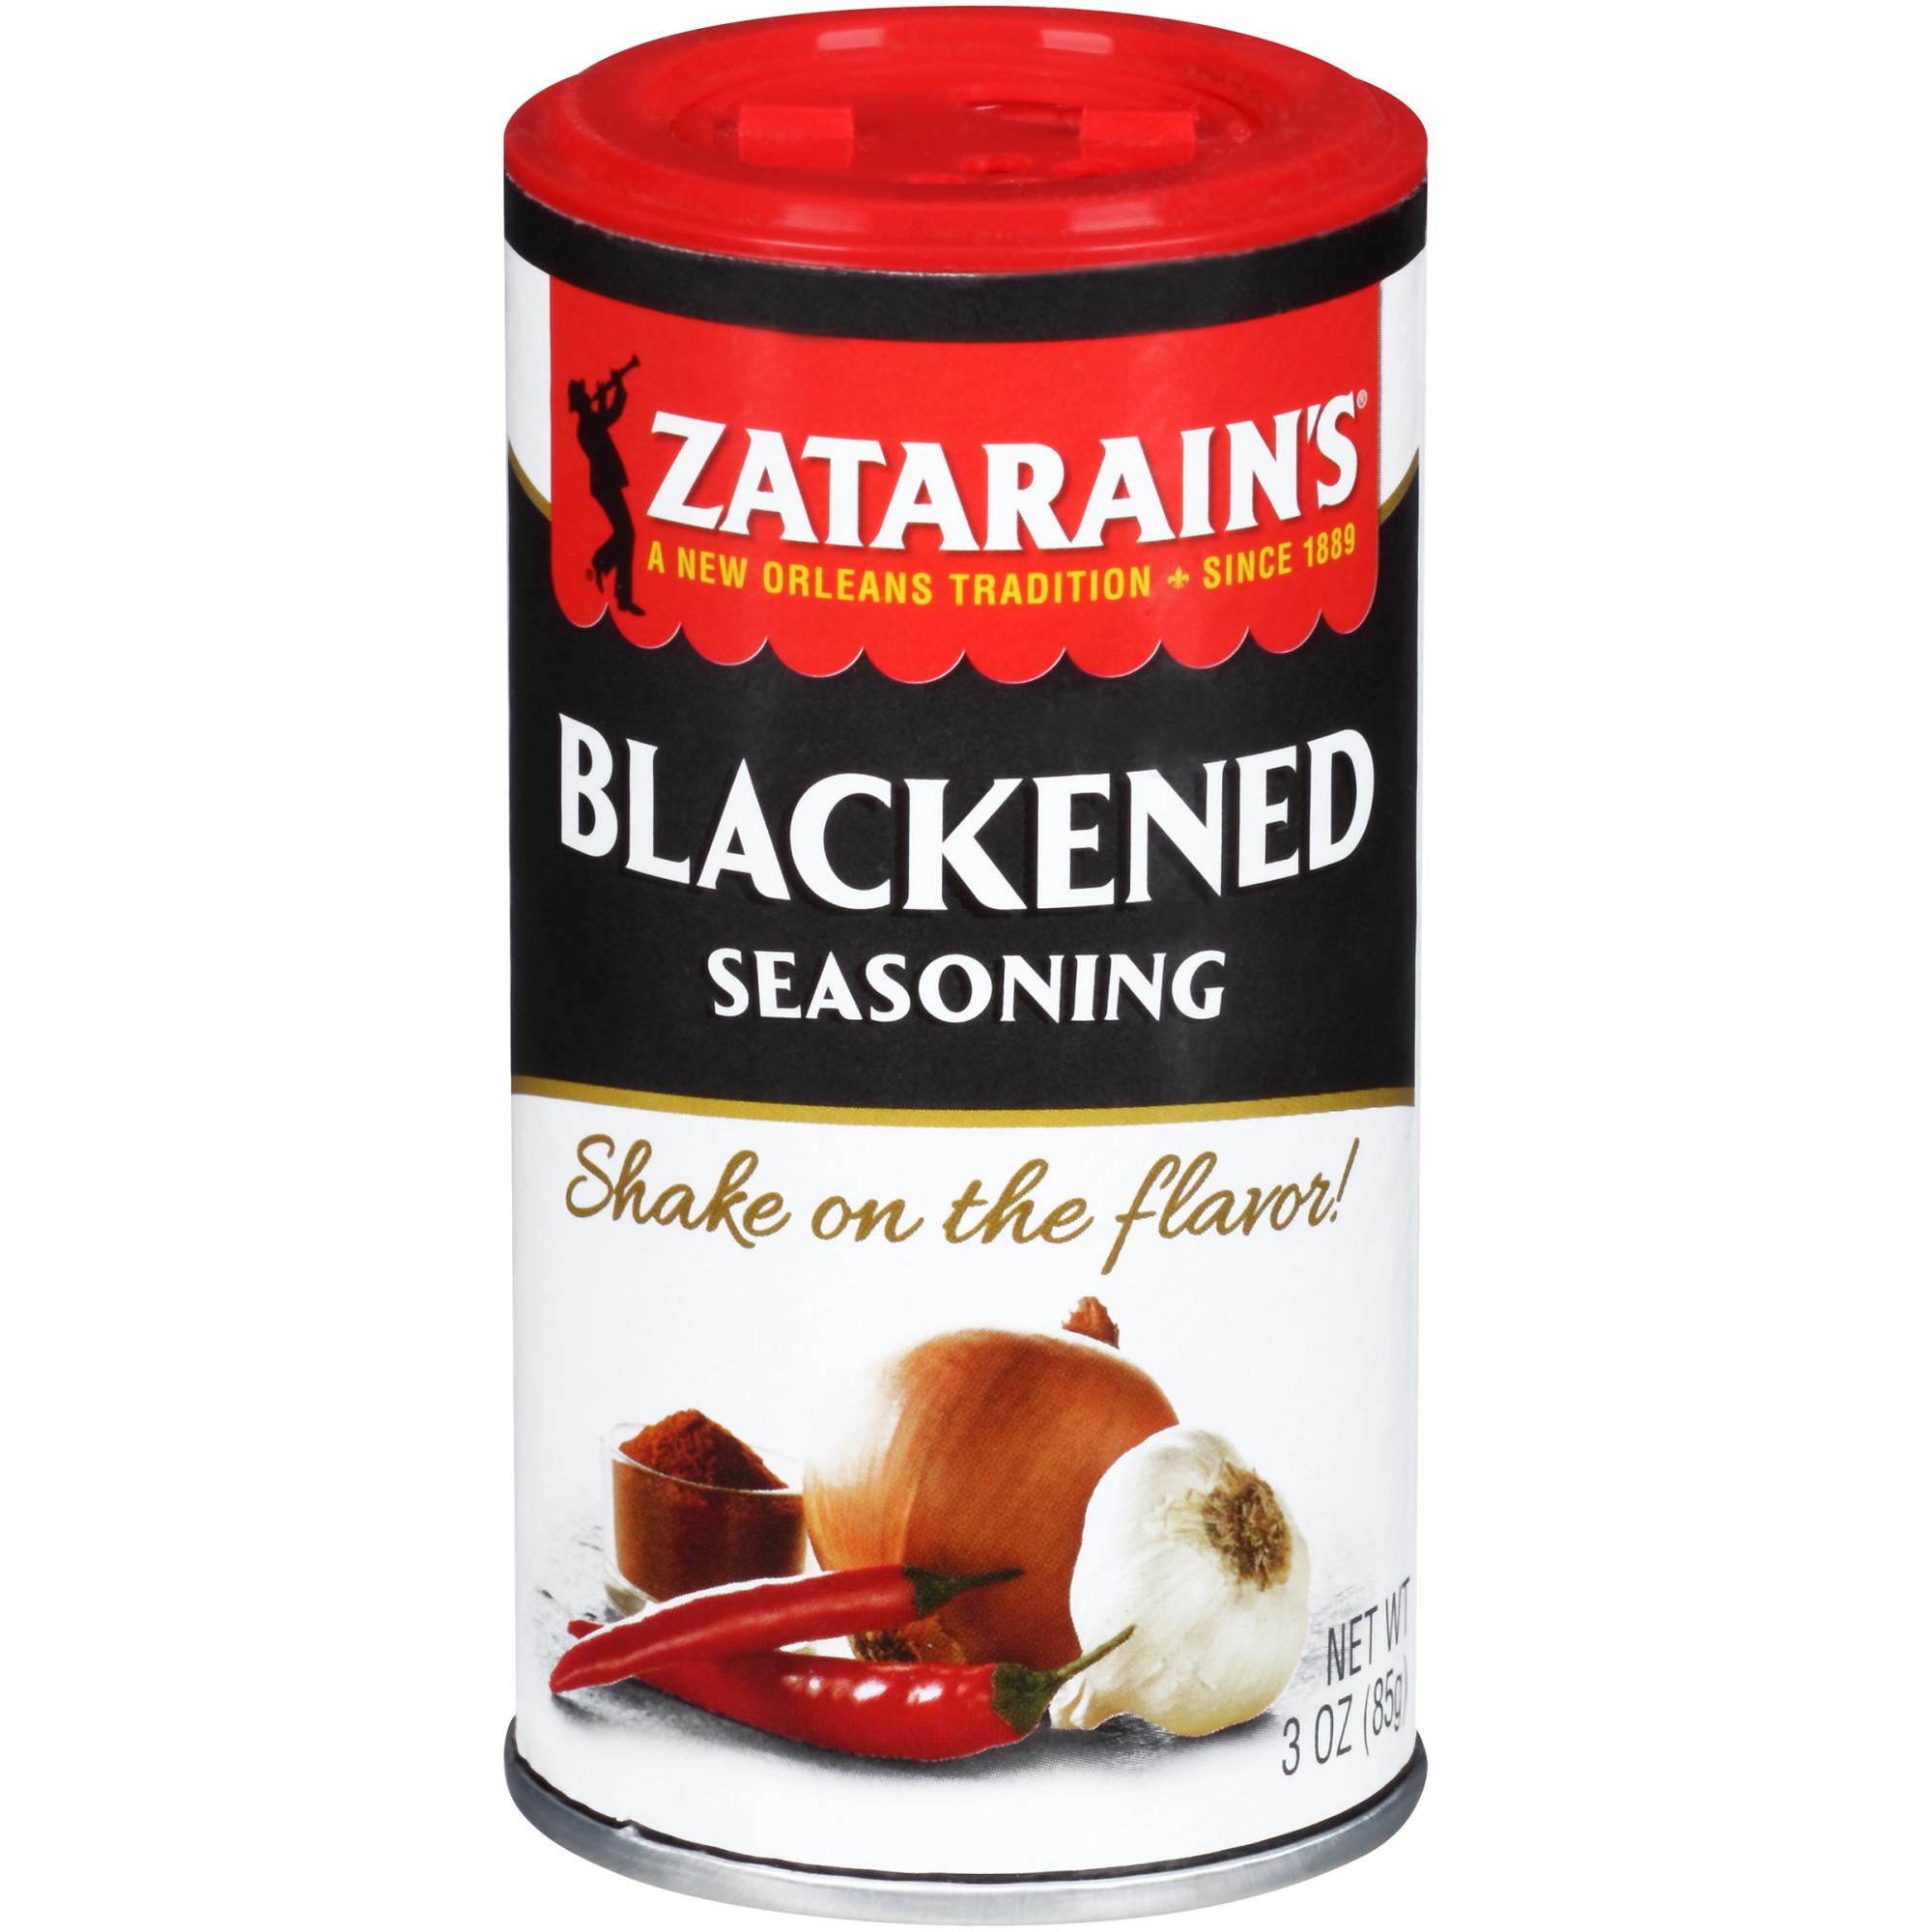 (2 Pack) Zatarain's New Orleans Style Blackened Seasoning, 3 oz